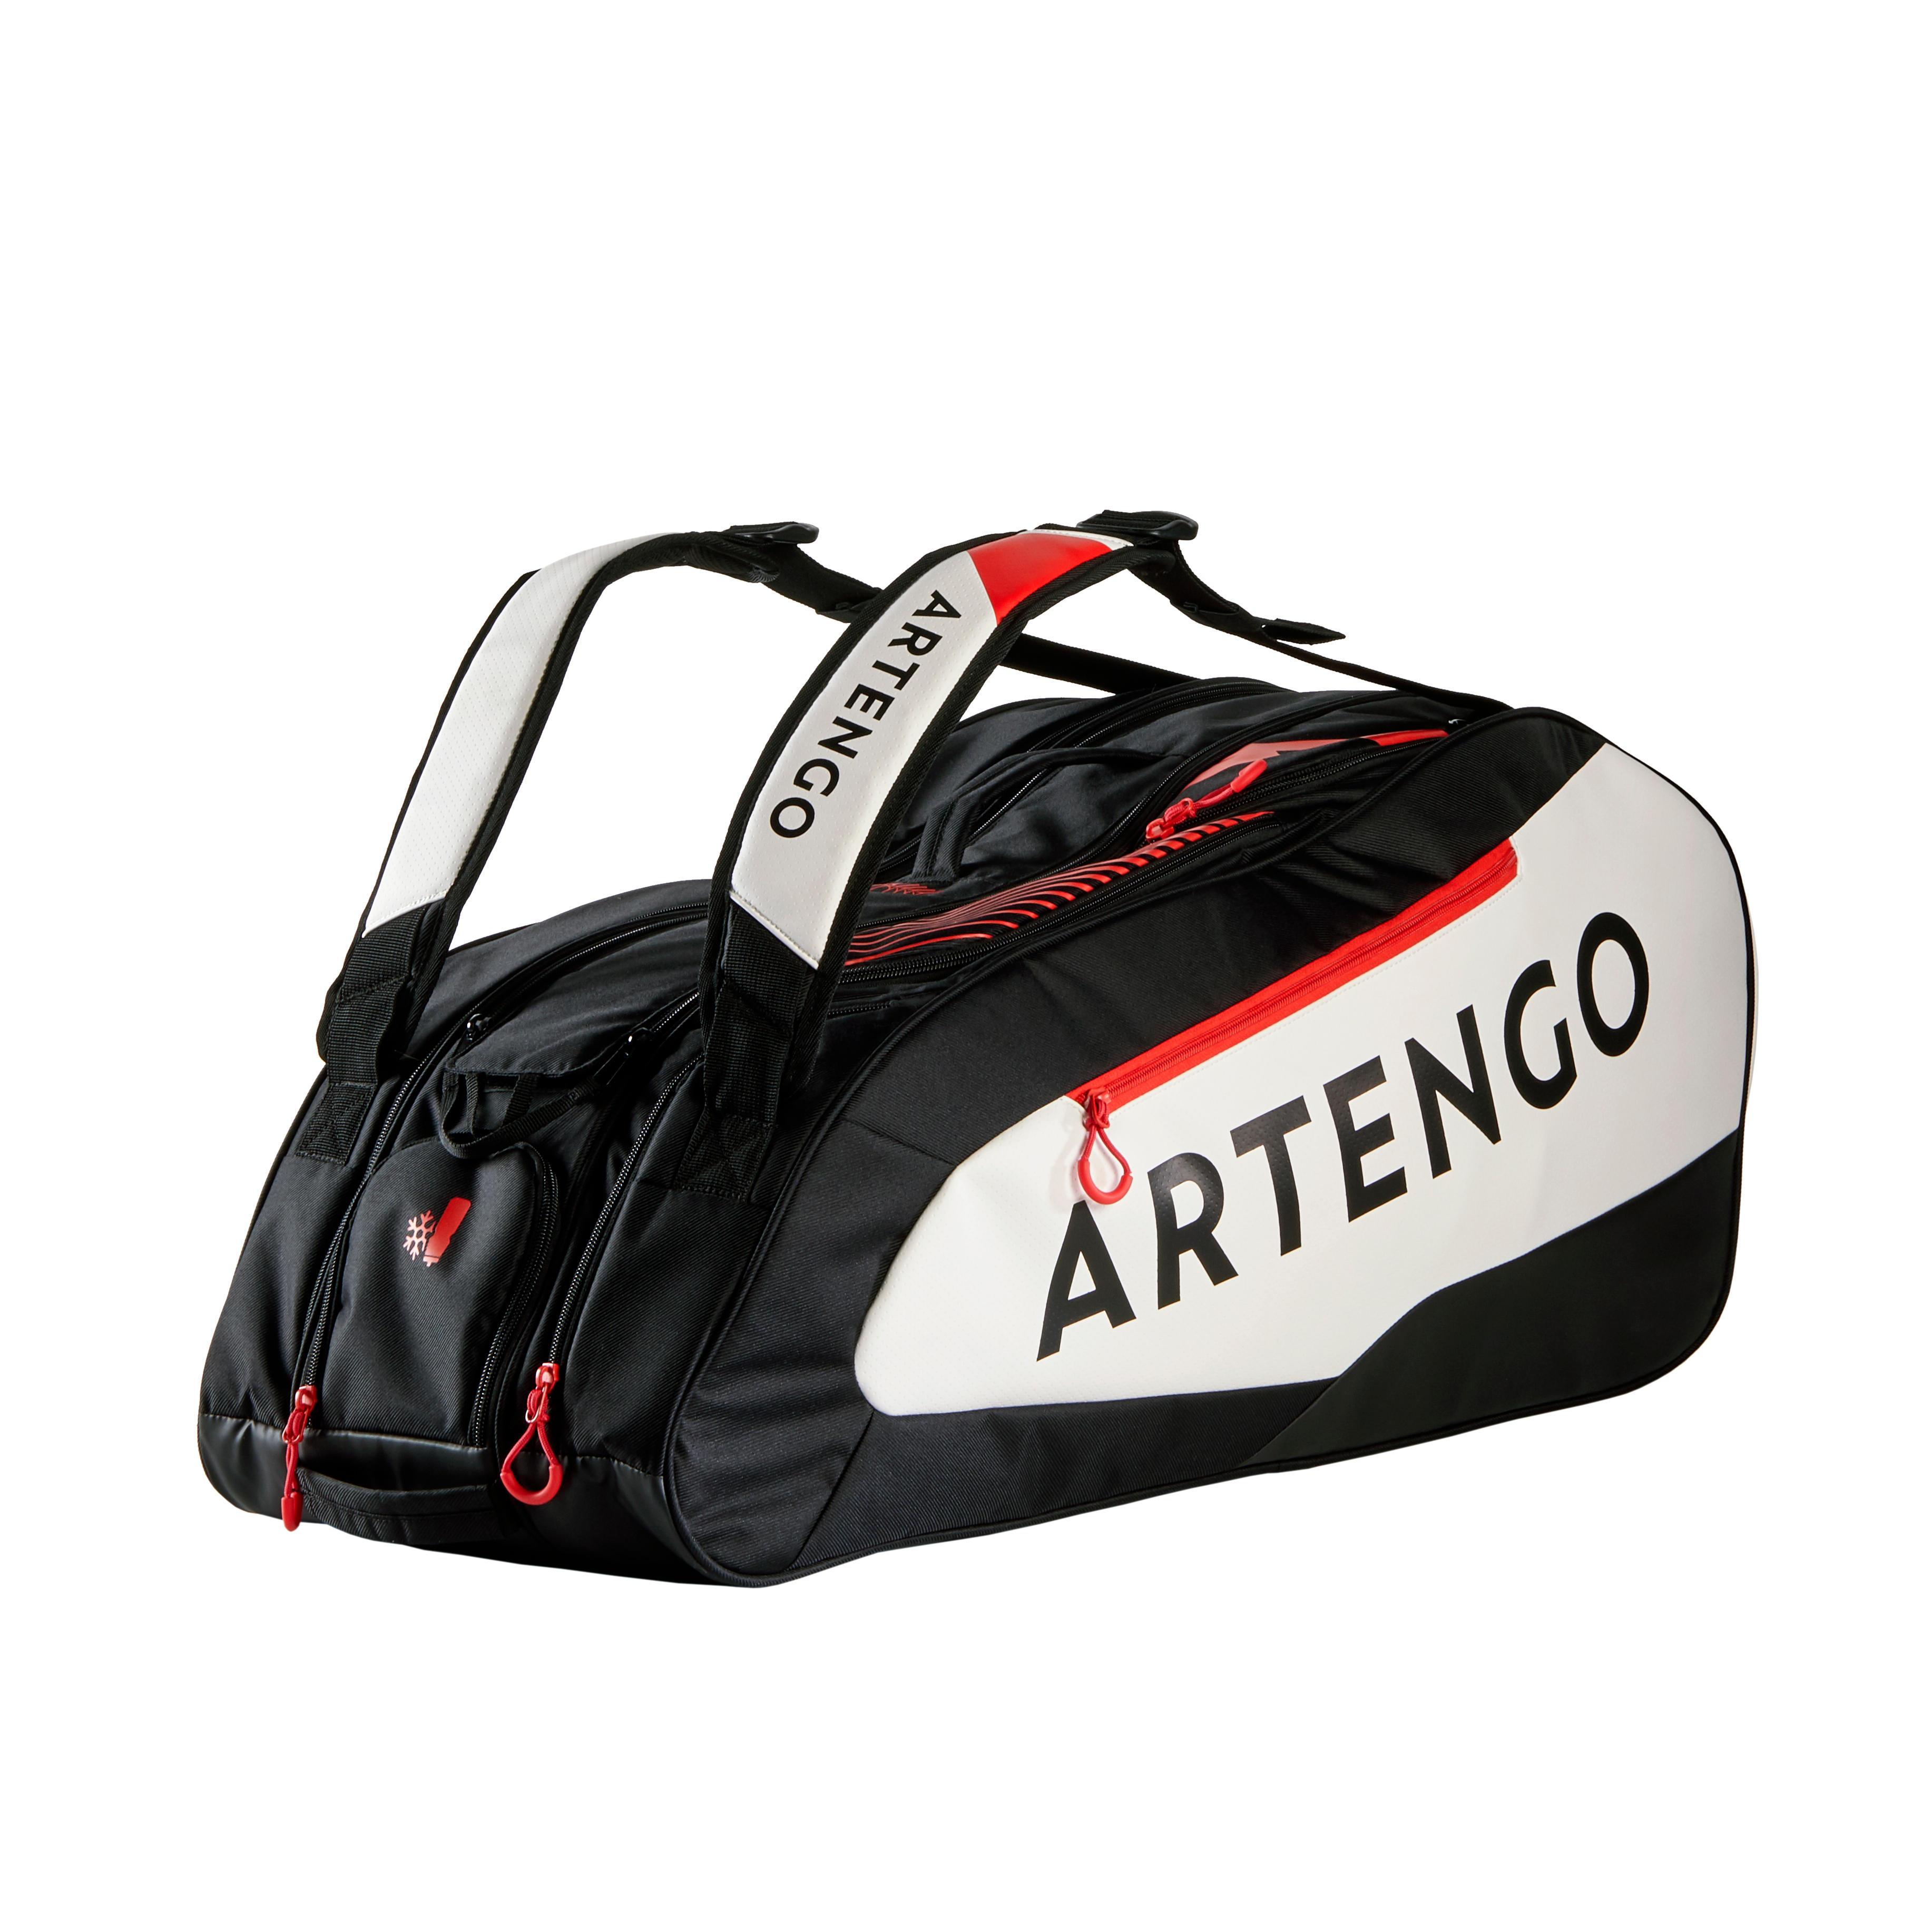 Geantă tenis 930 L 9R